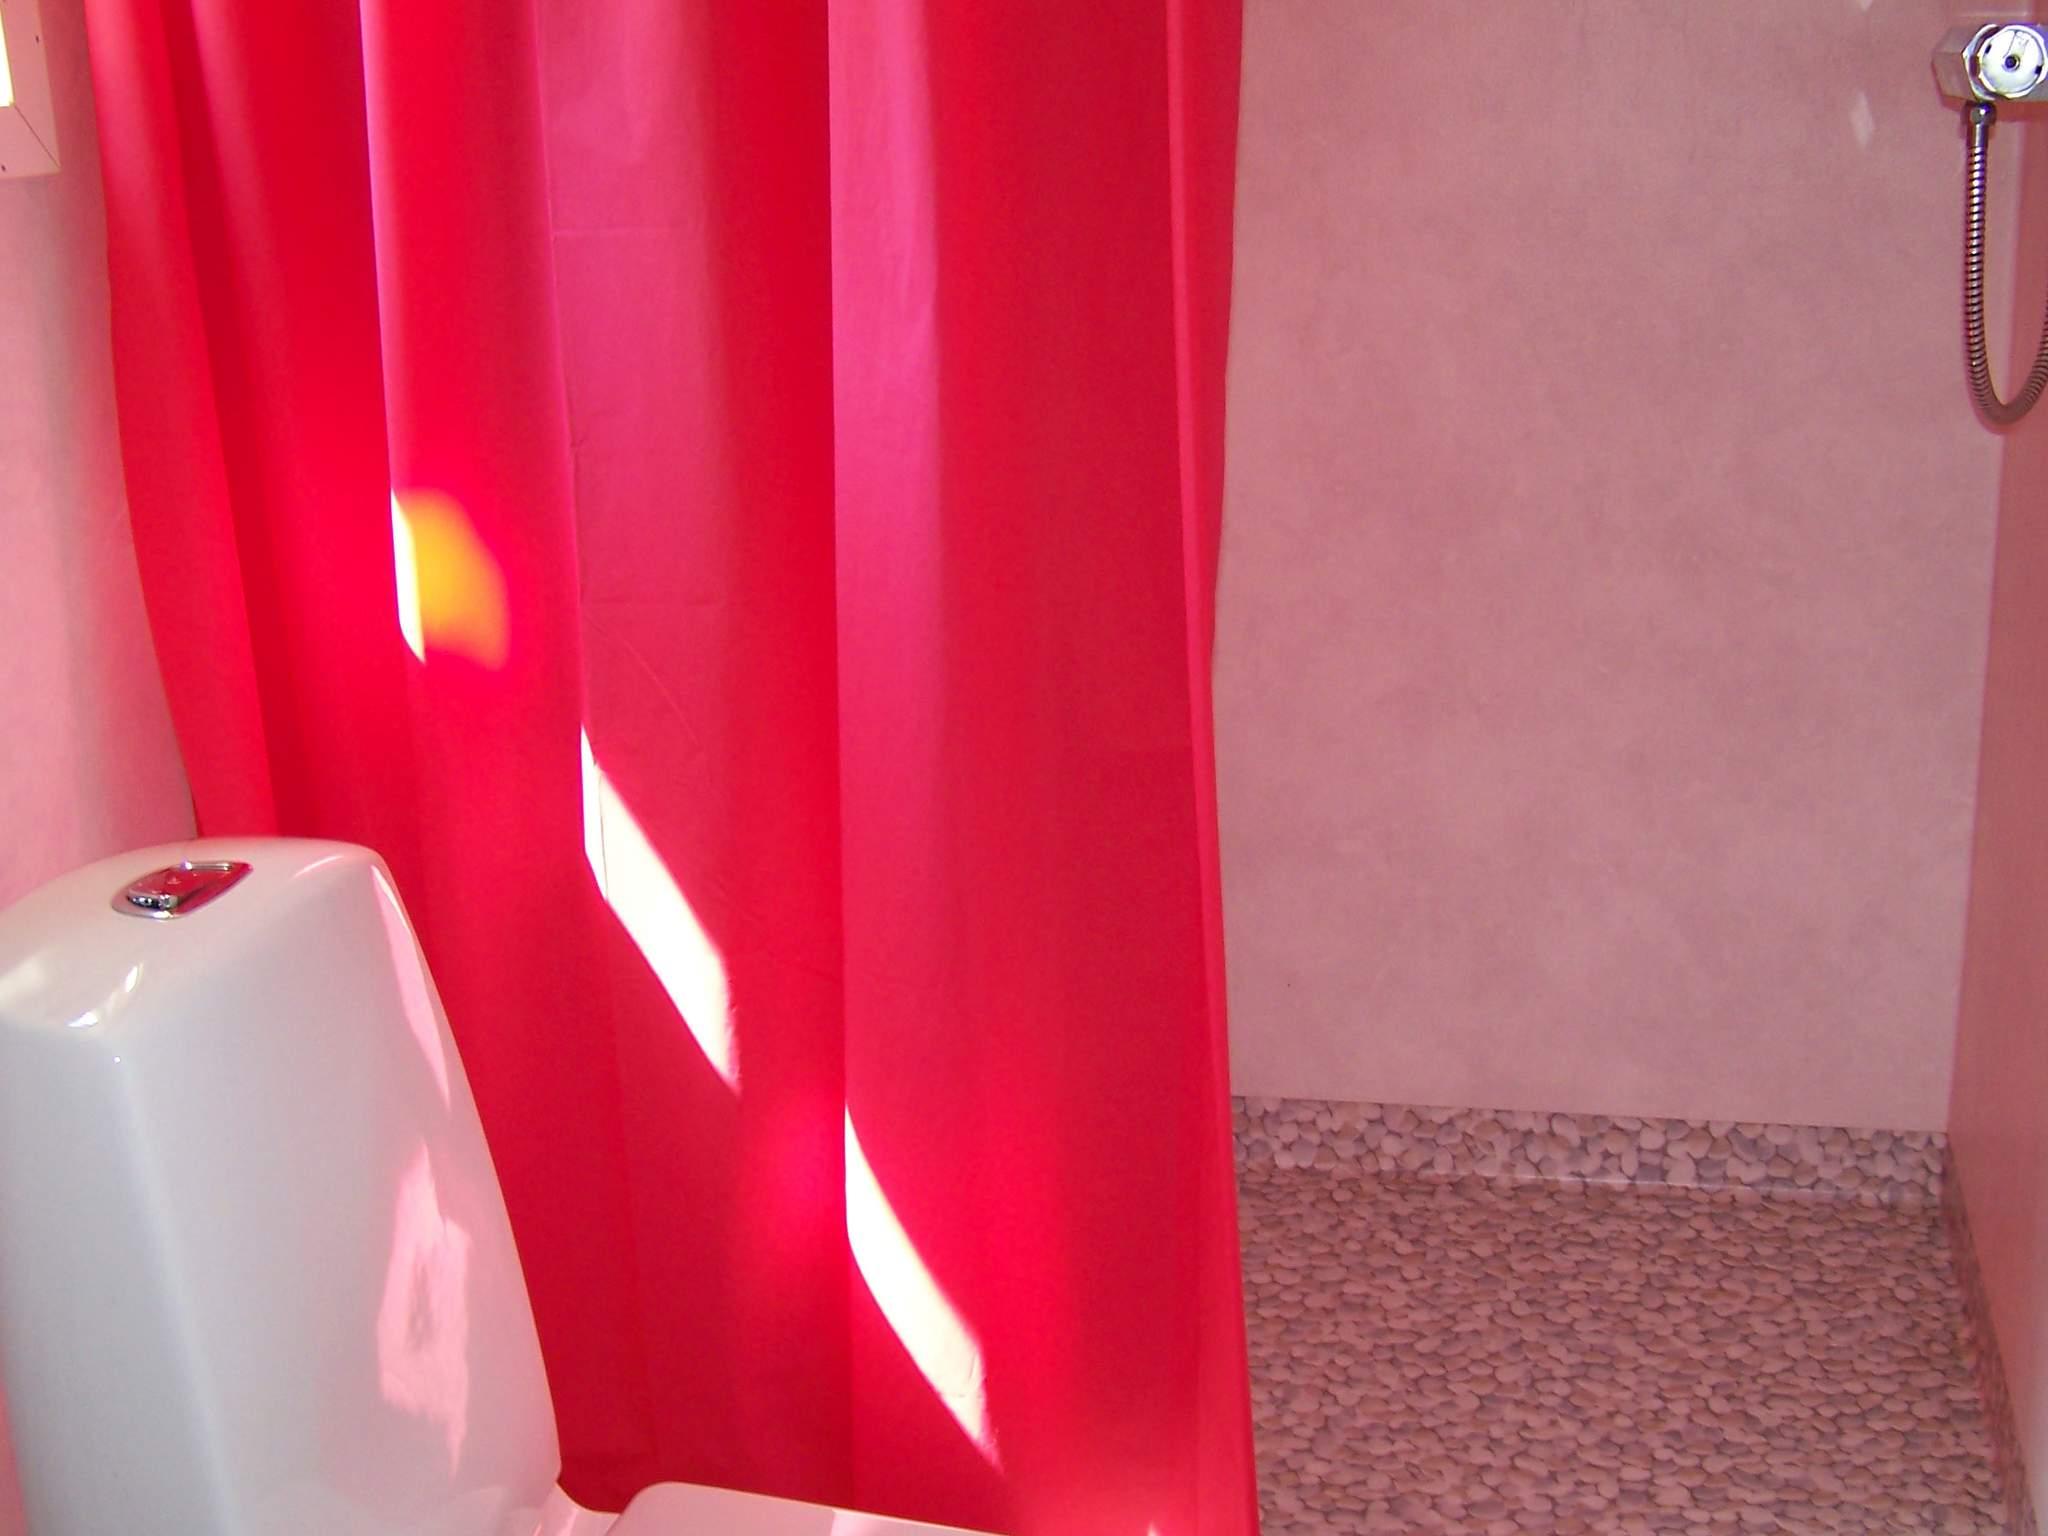 Ferienhaus Tjörn/Rönnäng (490413), Rönnäng, Tjörn, Westschweden, Schweden, Bild 10